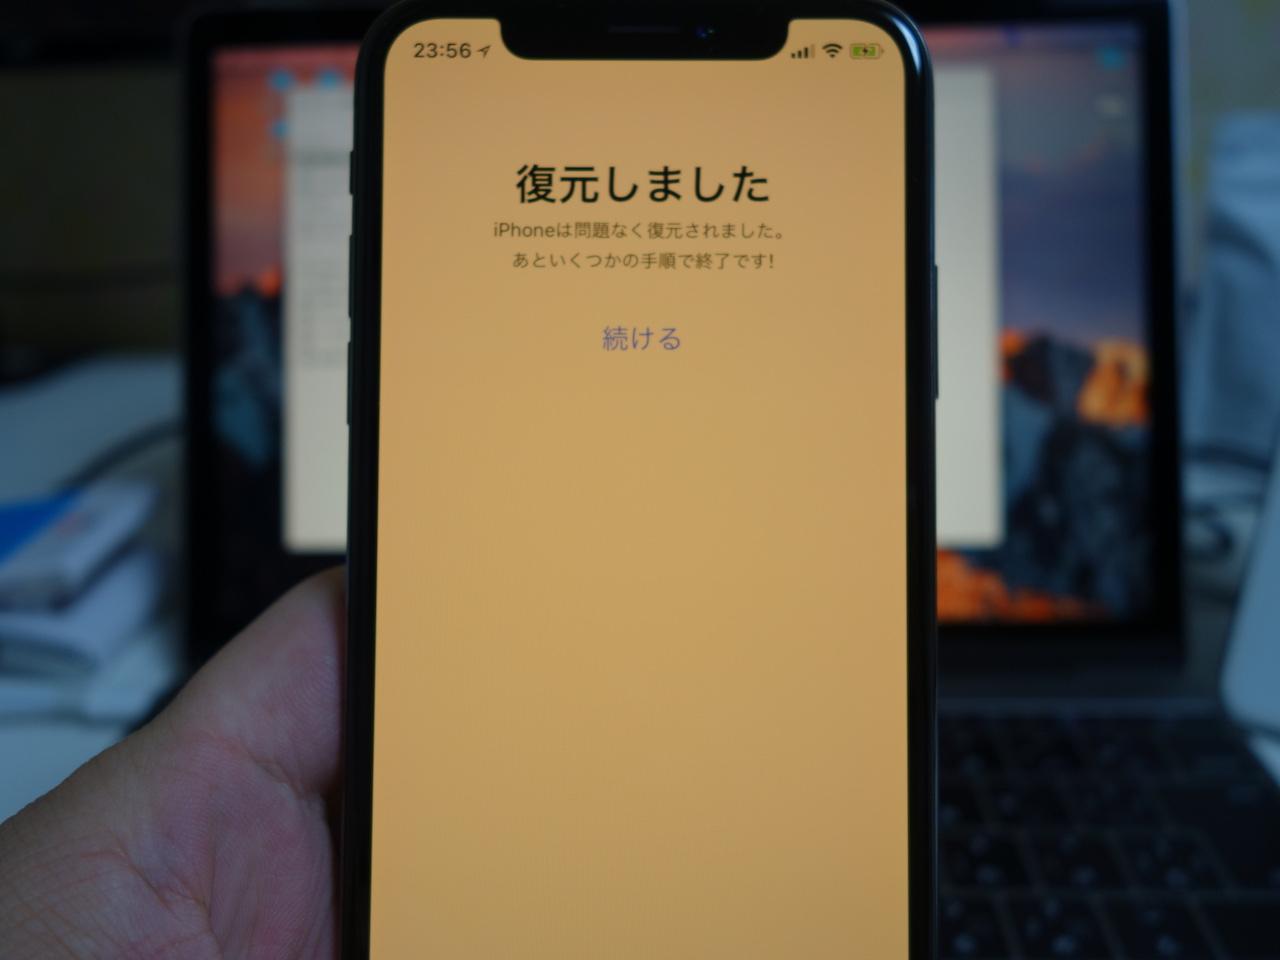 機種変更でiPhoneXがバックアップから復元できない!開封の儀からいきなり文鎮!?